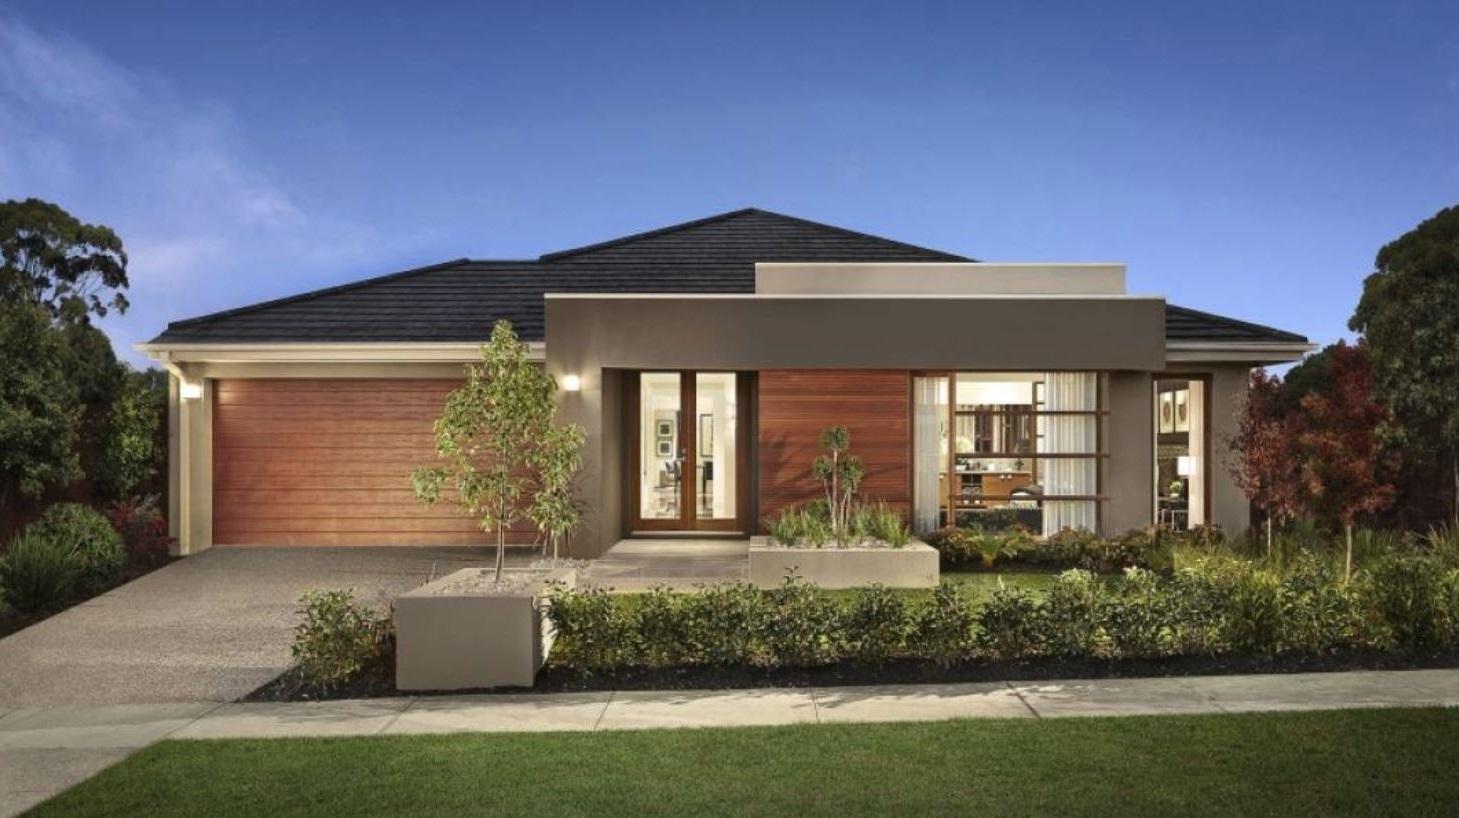 Fachadas de casas de 1 piso for Fachadas de jardines para casas